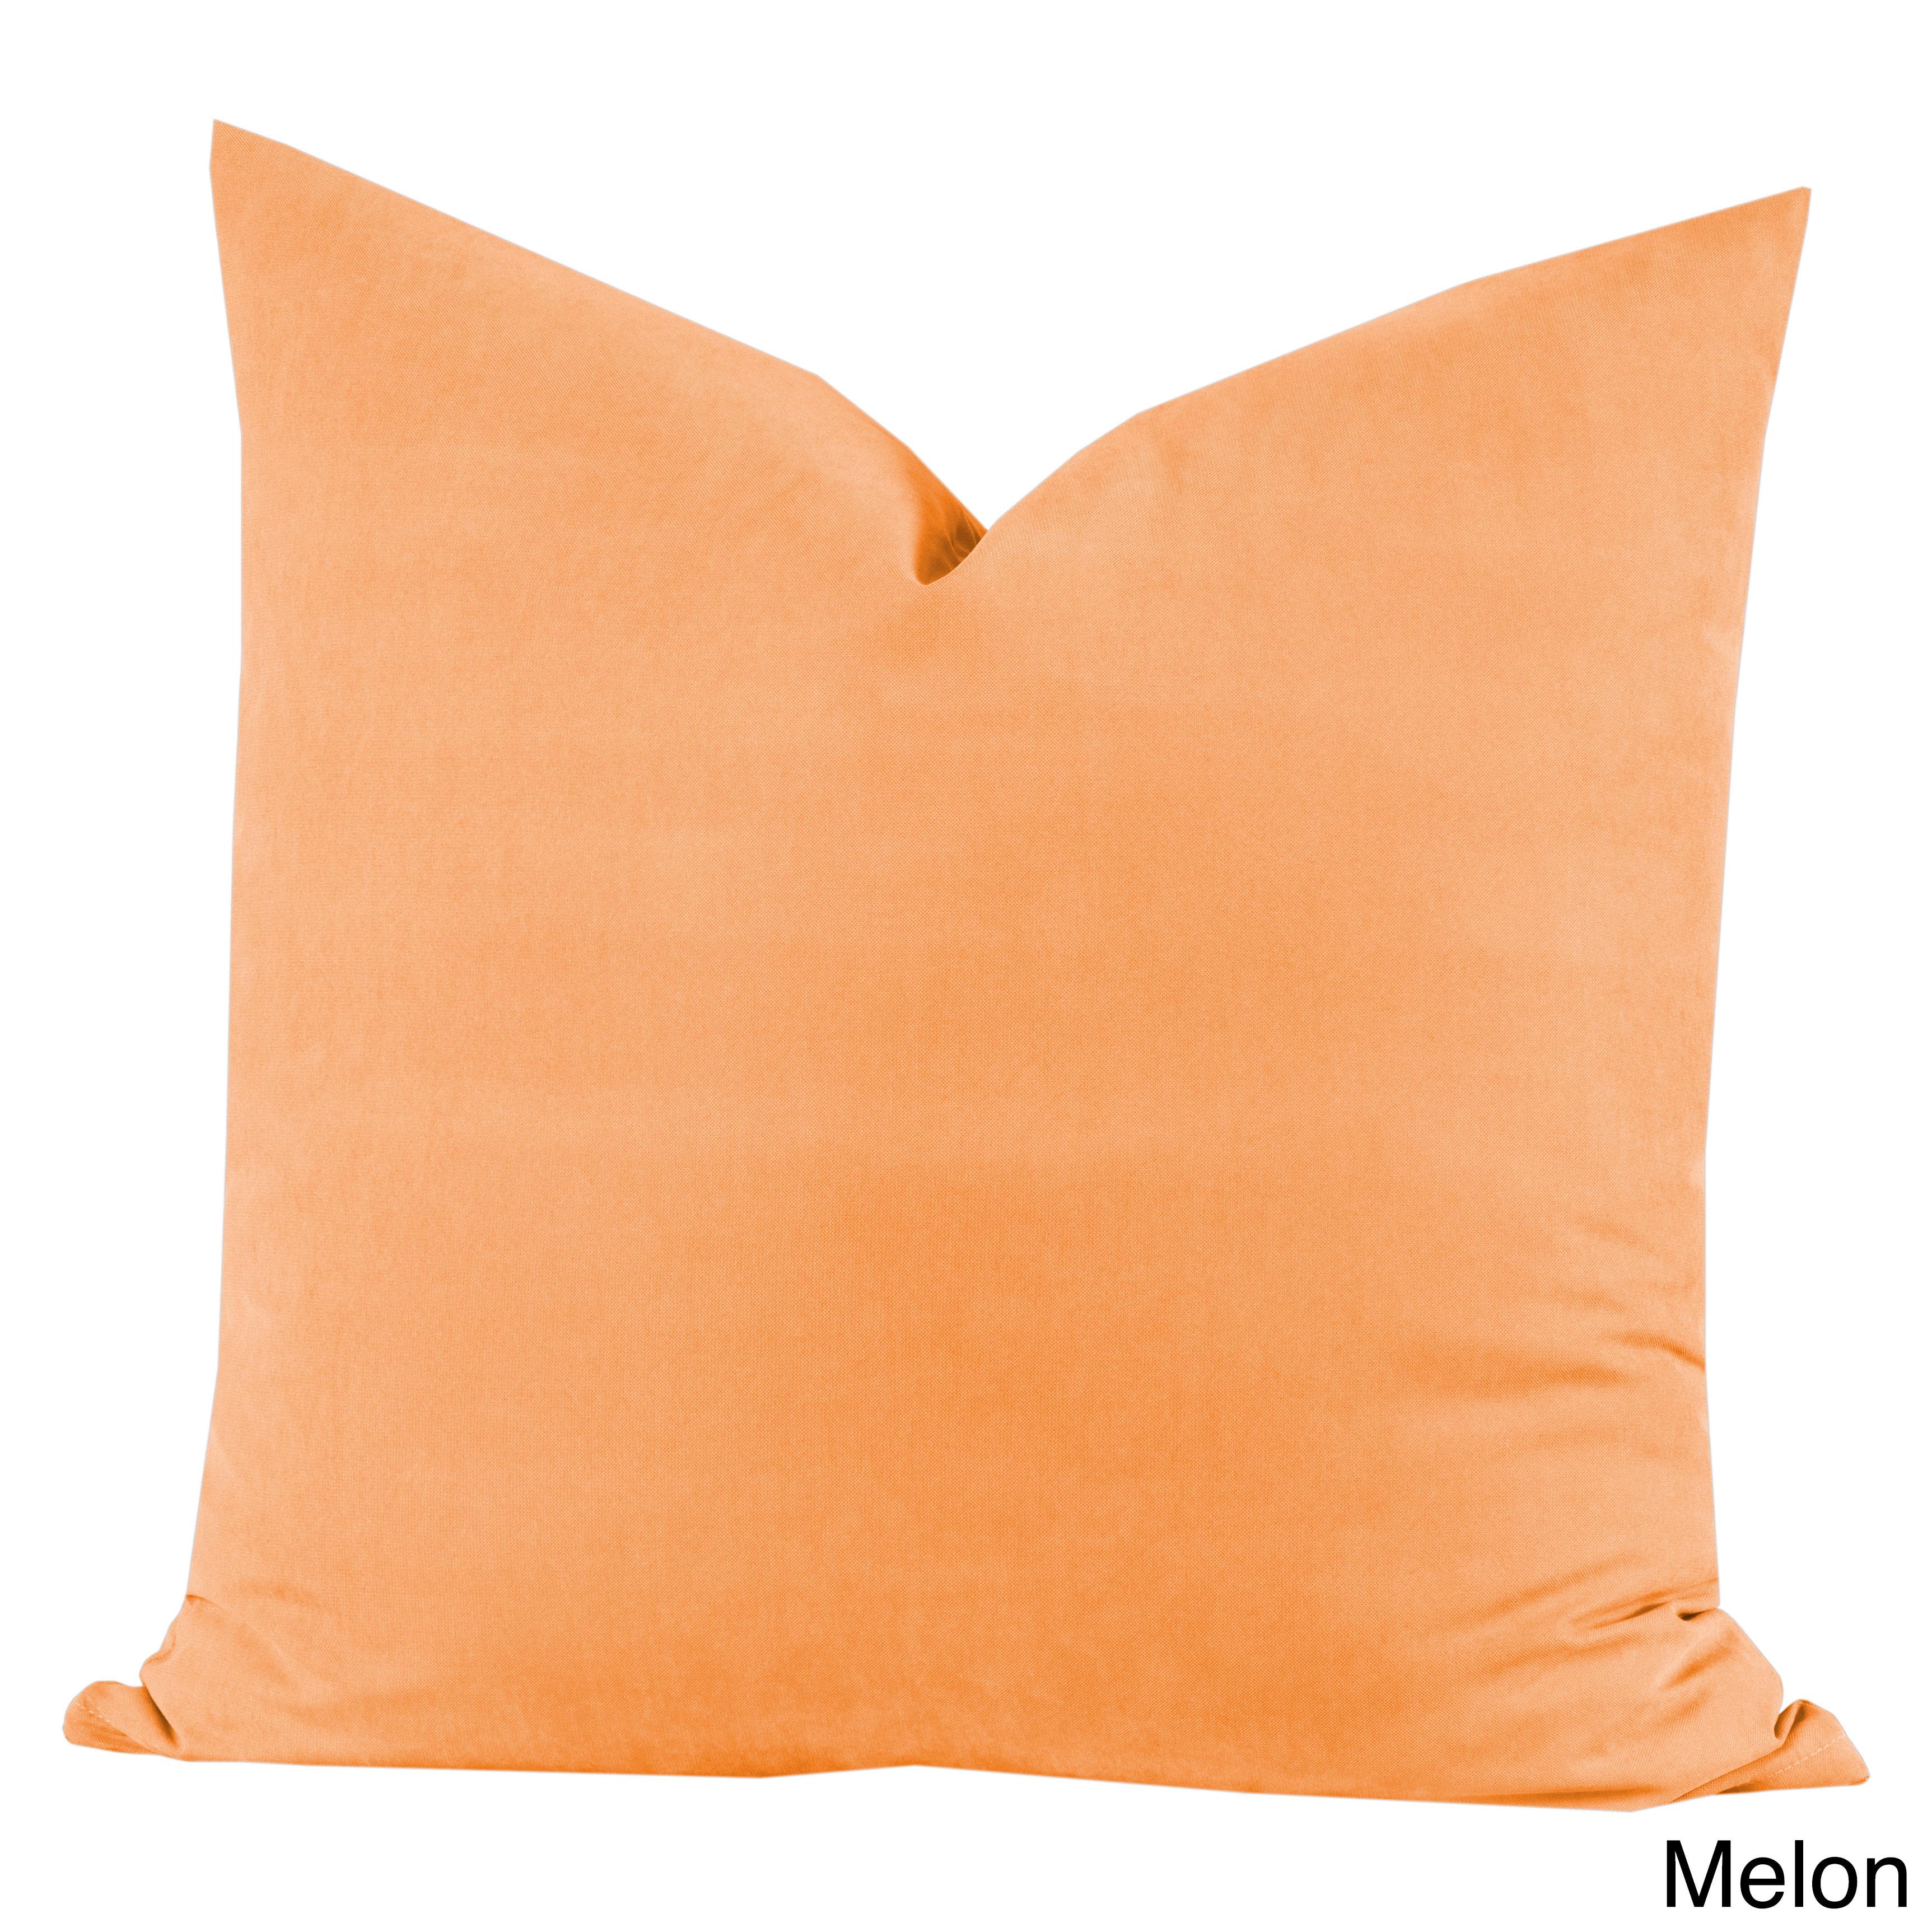 coverorange cover pillow fullxfull orange listing velvet zoom lumbar il